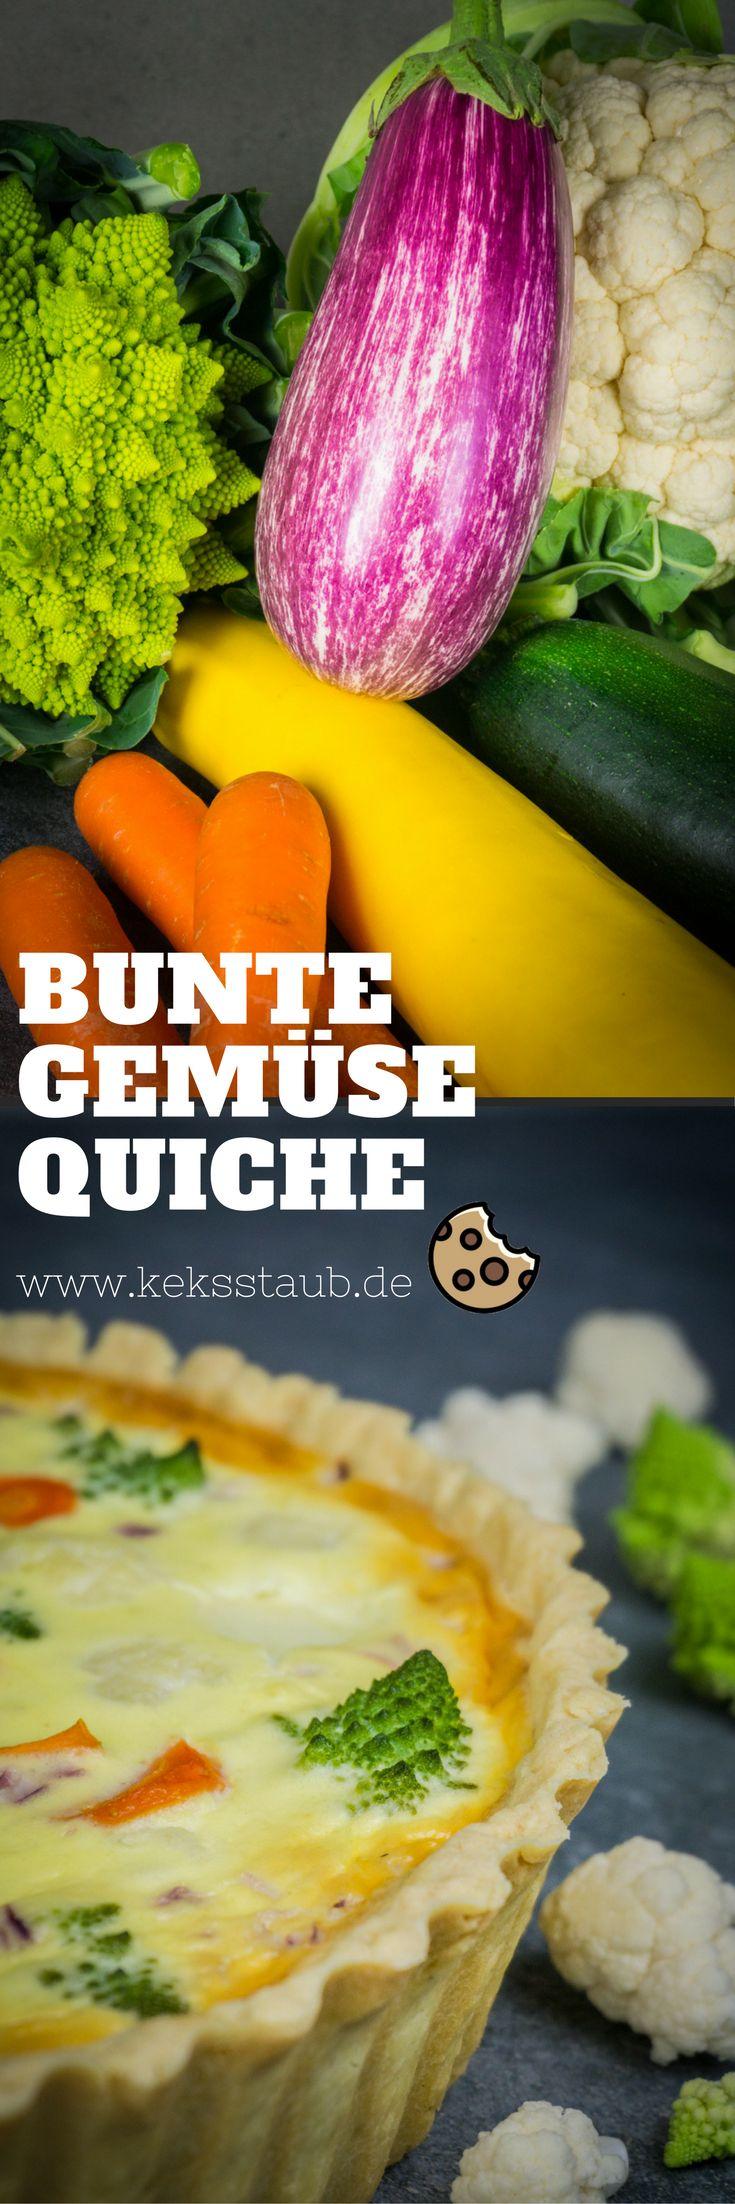 Rezept zum Backen bzw. Kochen einer leckeren kunterbunten Gemüse Quiche  #Quiche #Rezept #Kochen